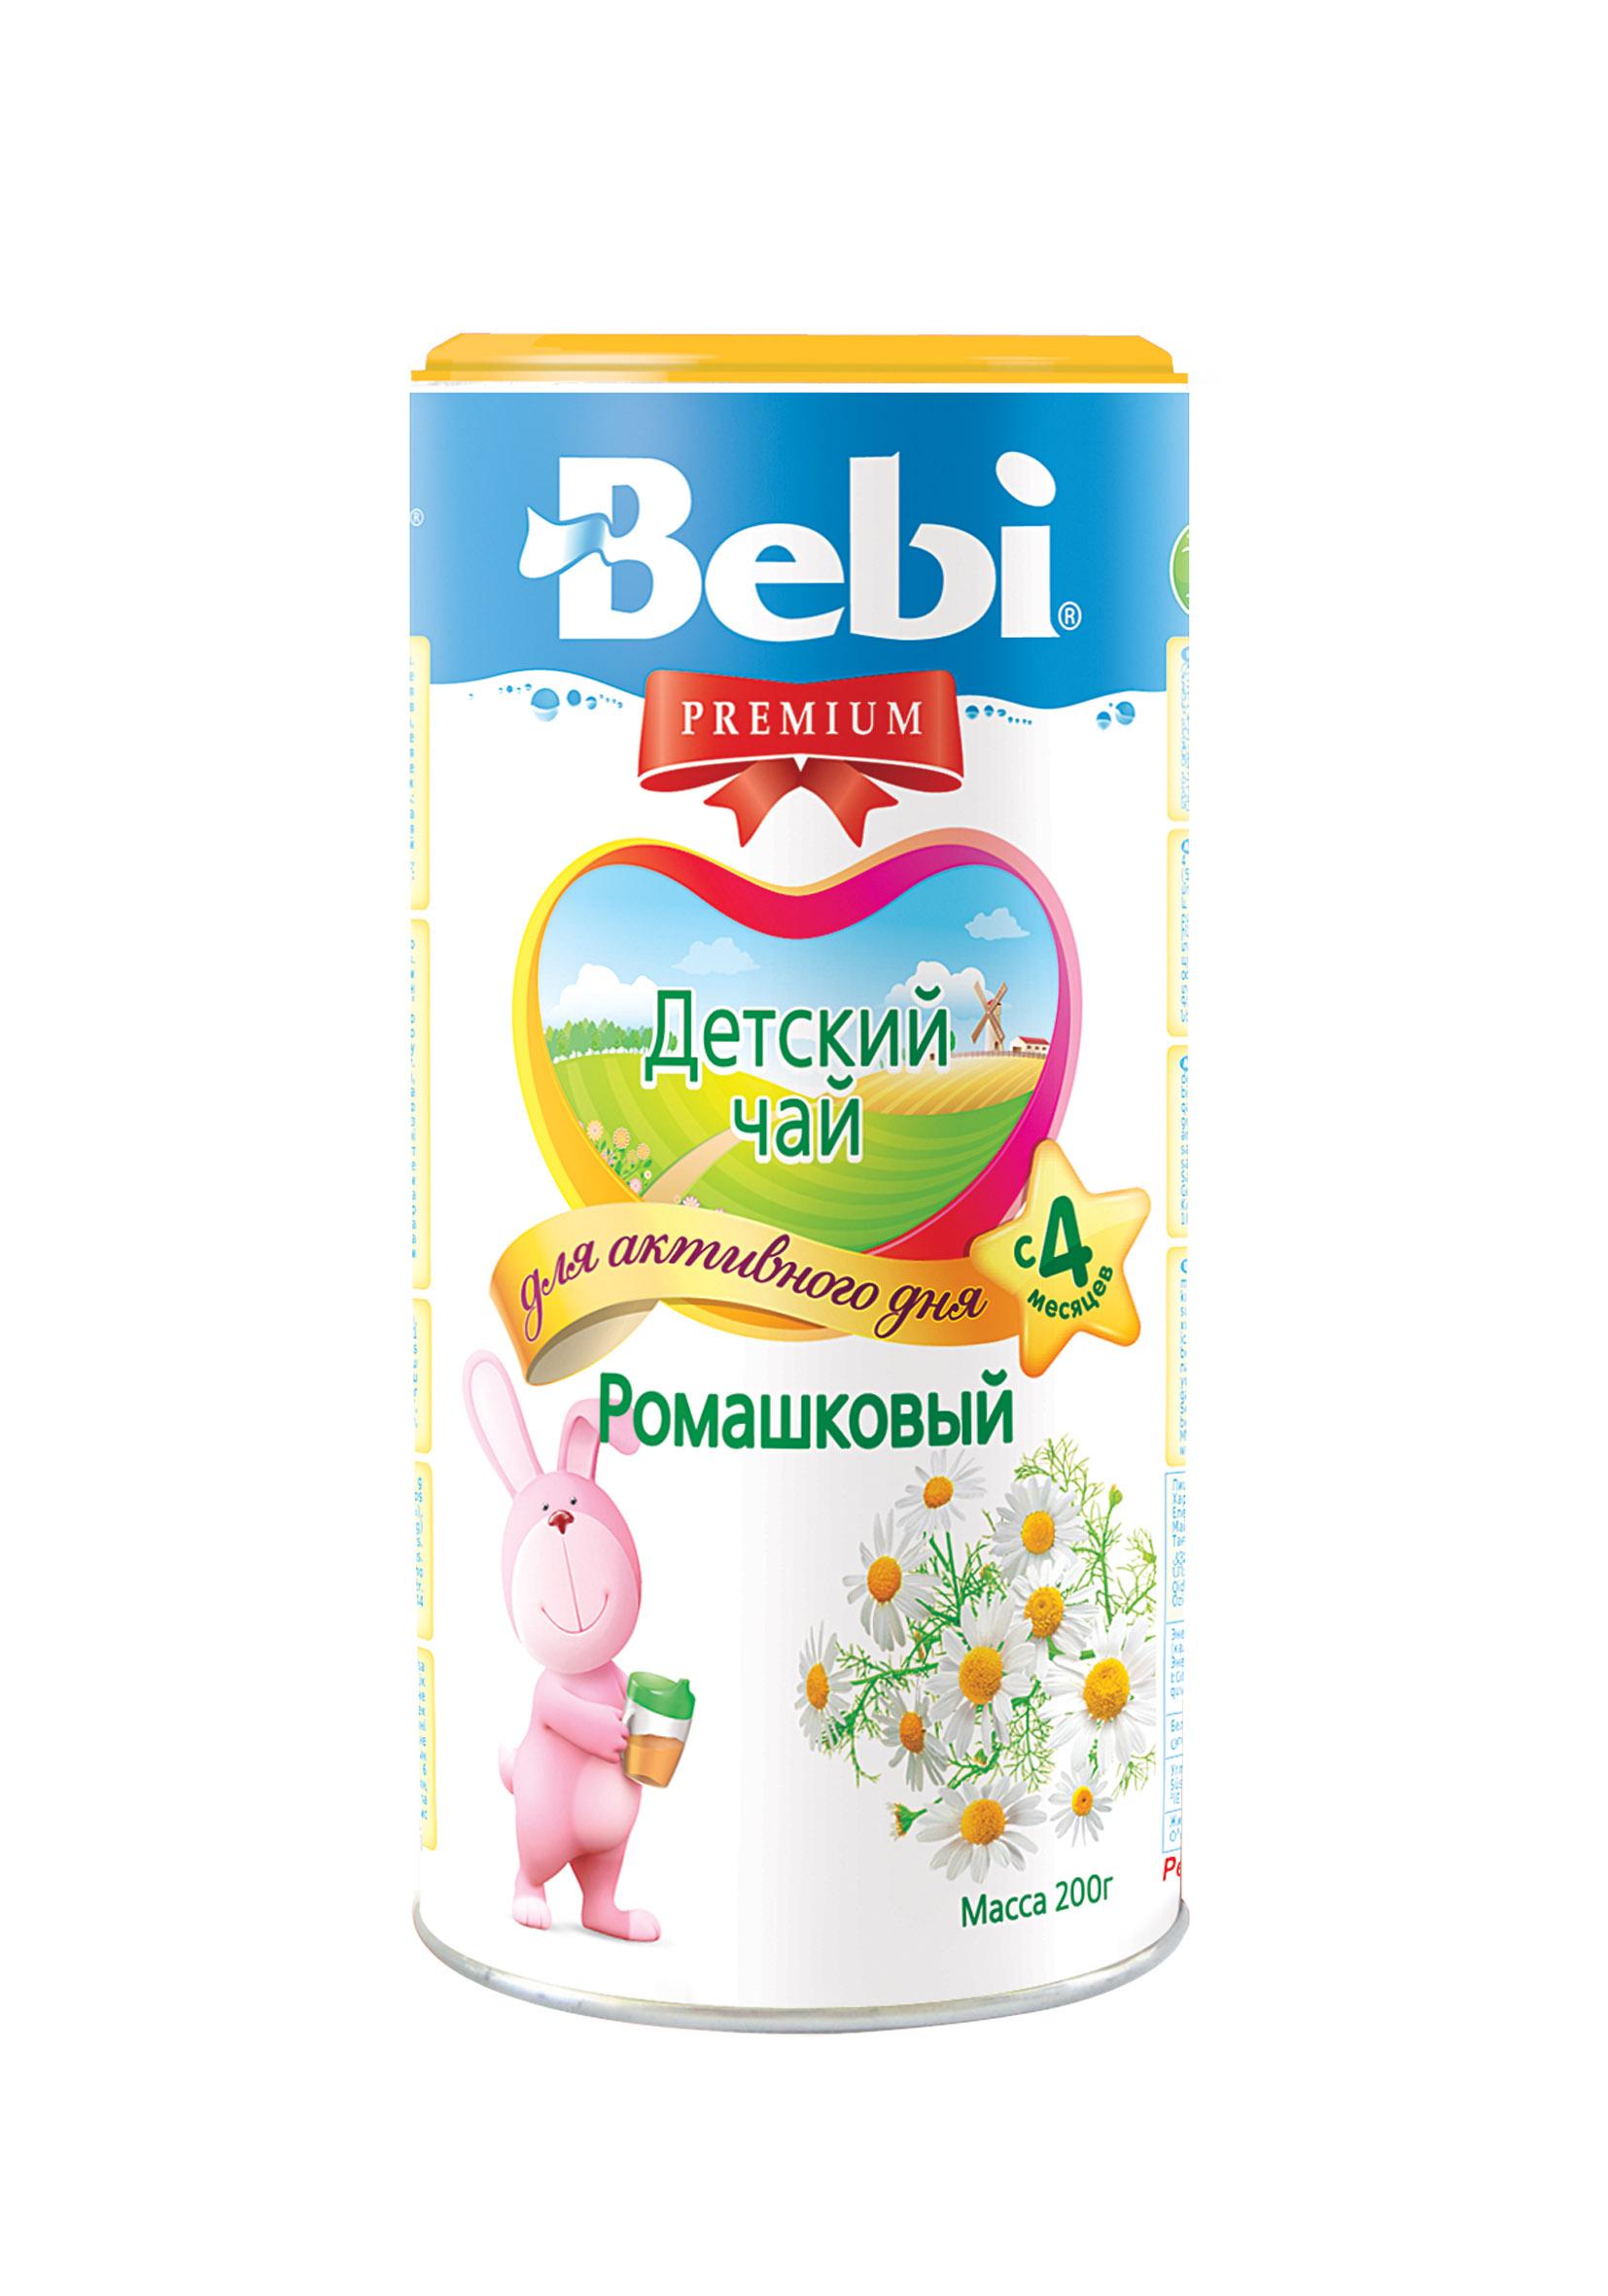 Купить Растворимый детский чай Bebi Premium ромашковый, 200гр, Словения